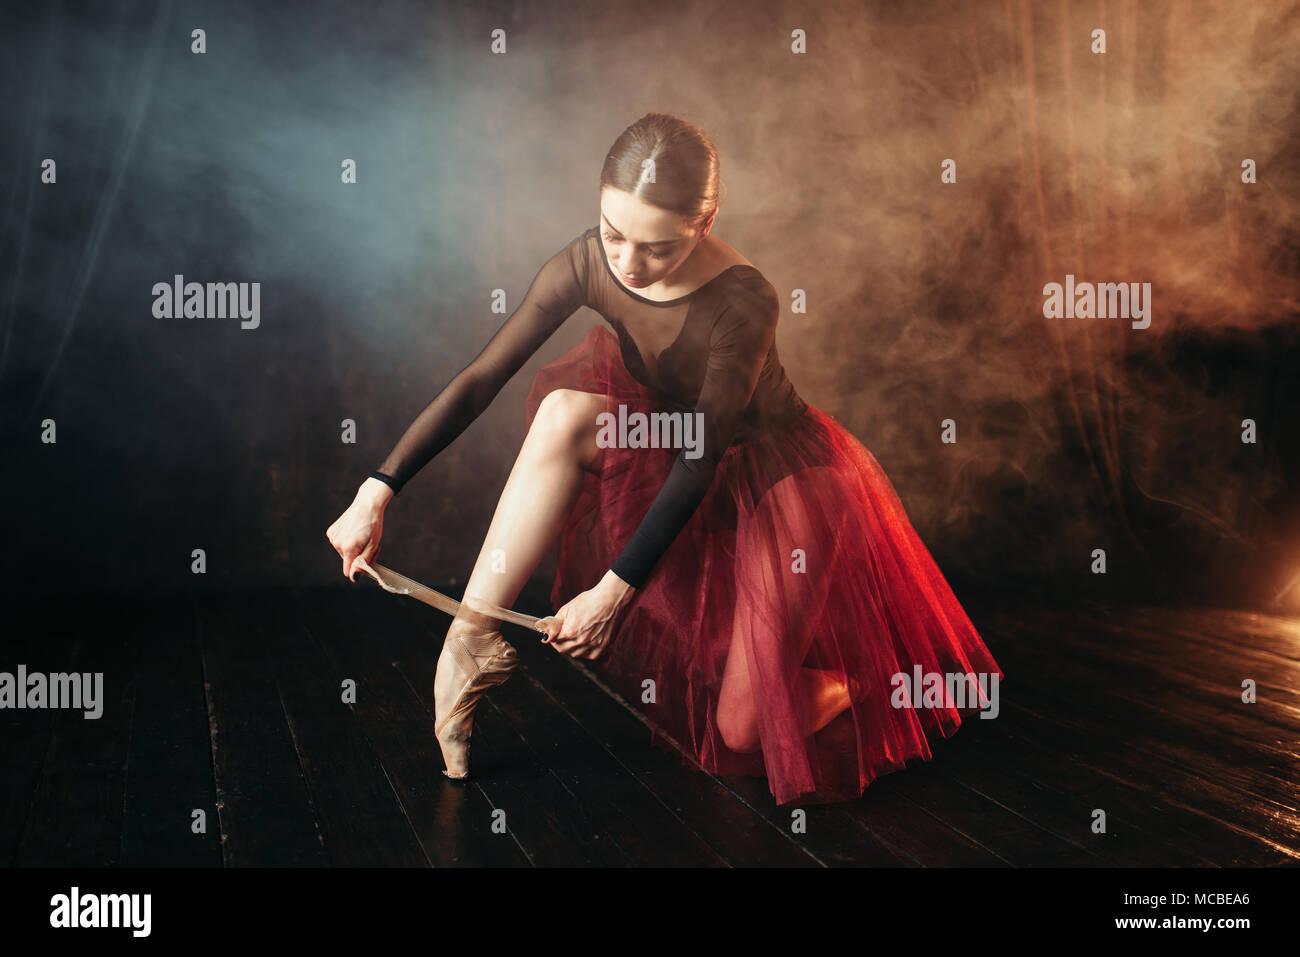 Bailarina de ballet atando pointe zapatos Imagen De Stock